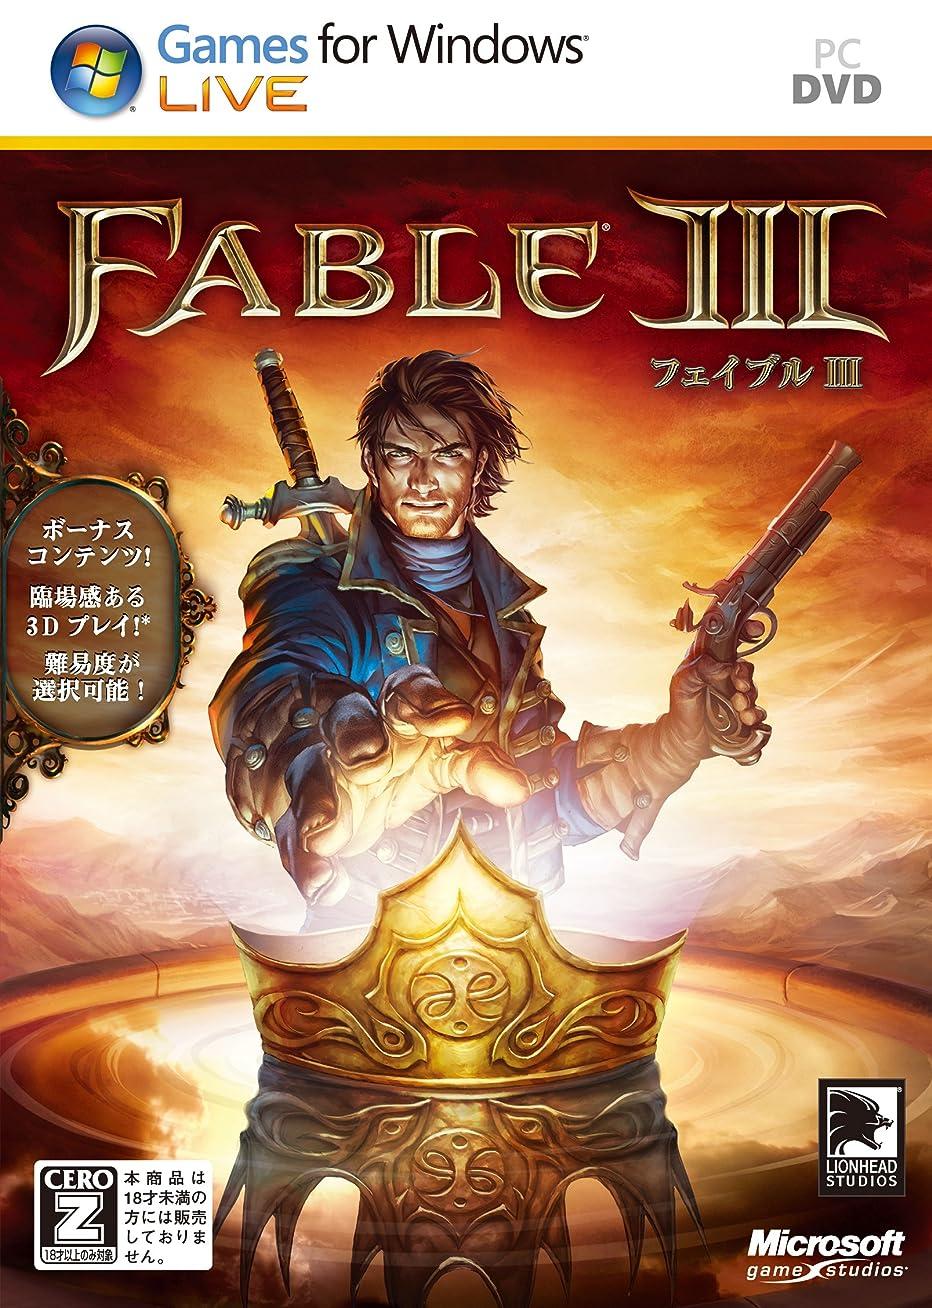 ペレット戦士タイマーMicrosoft Fable 3 PC Win32 Japanese 1 License DVD DVD Case